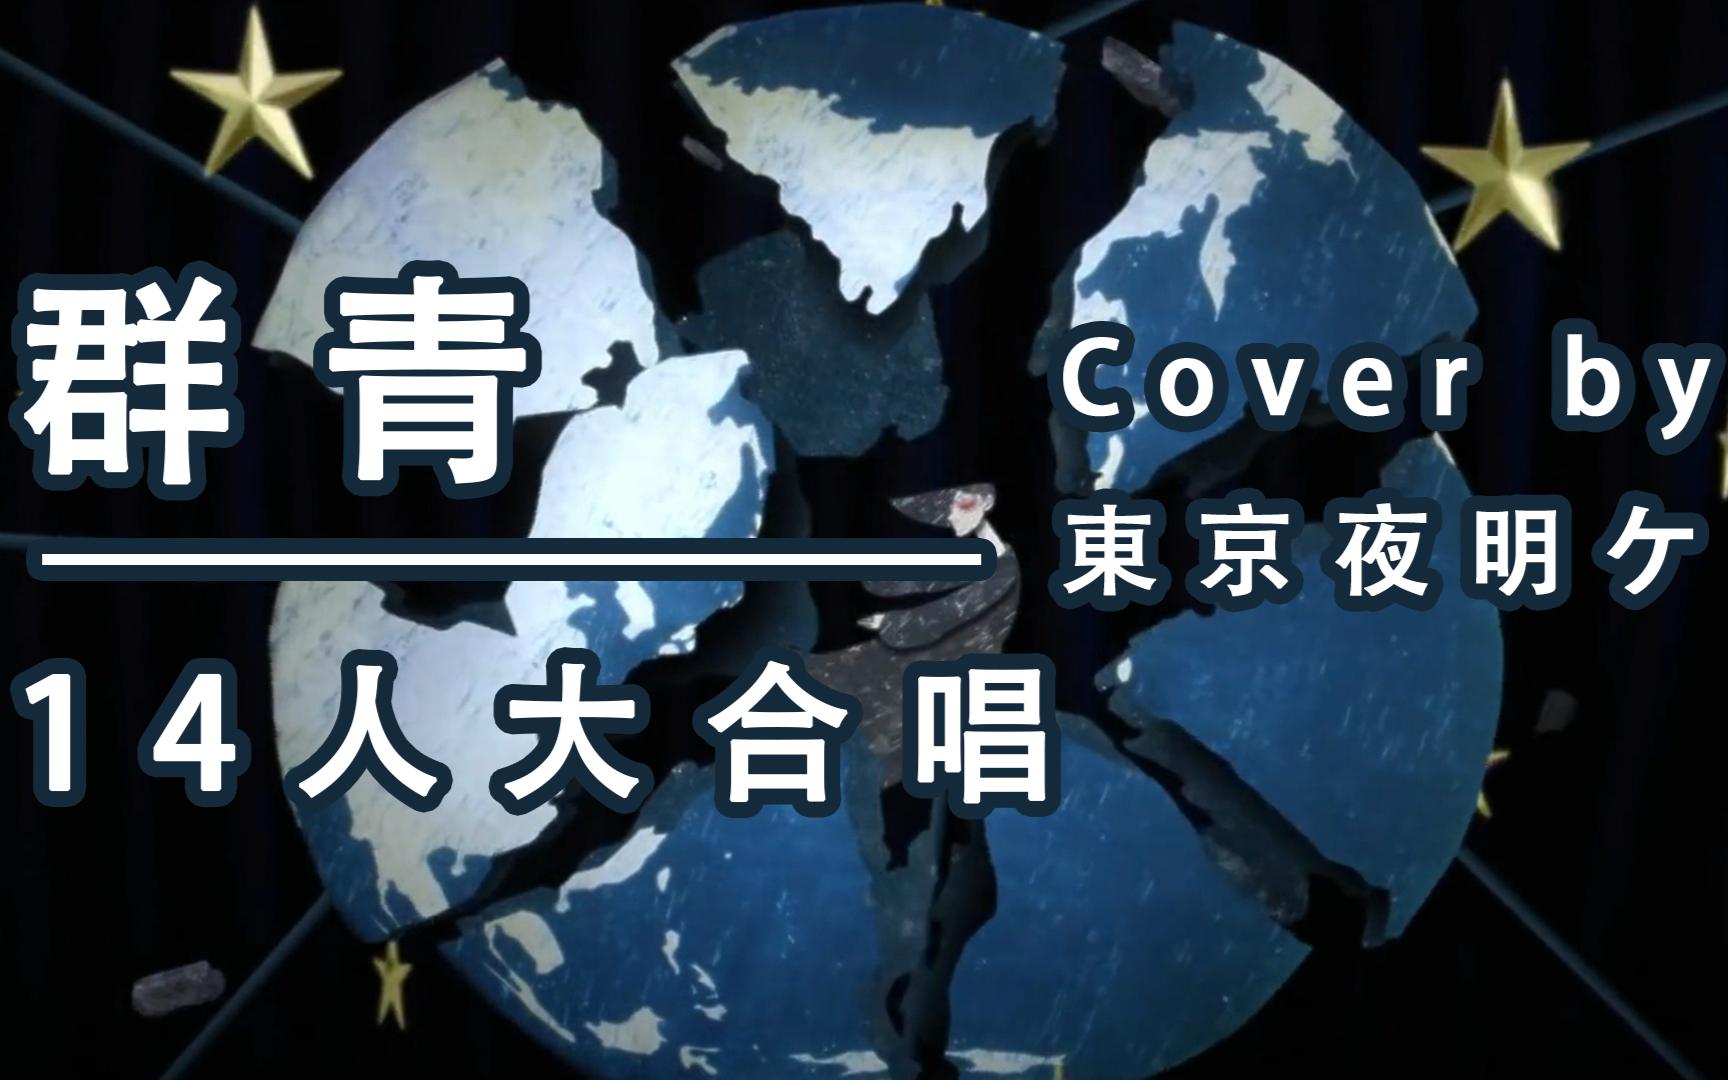 【出道616第二季】14人大合唱-群青【東京夜明ケ】乐队改编版